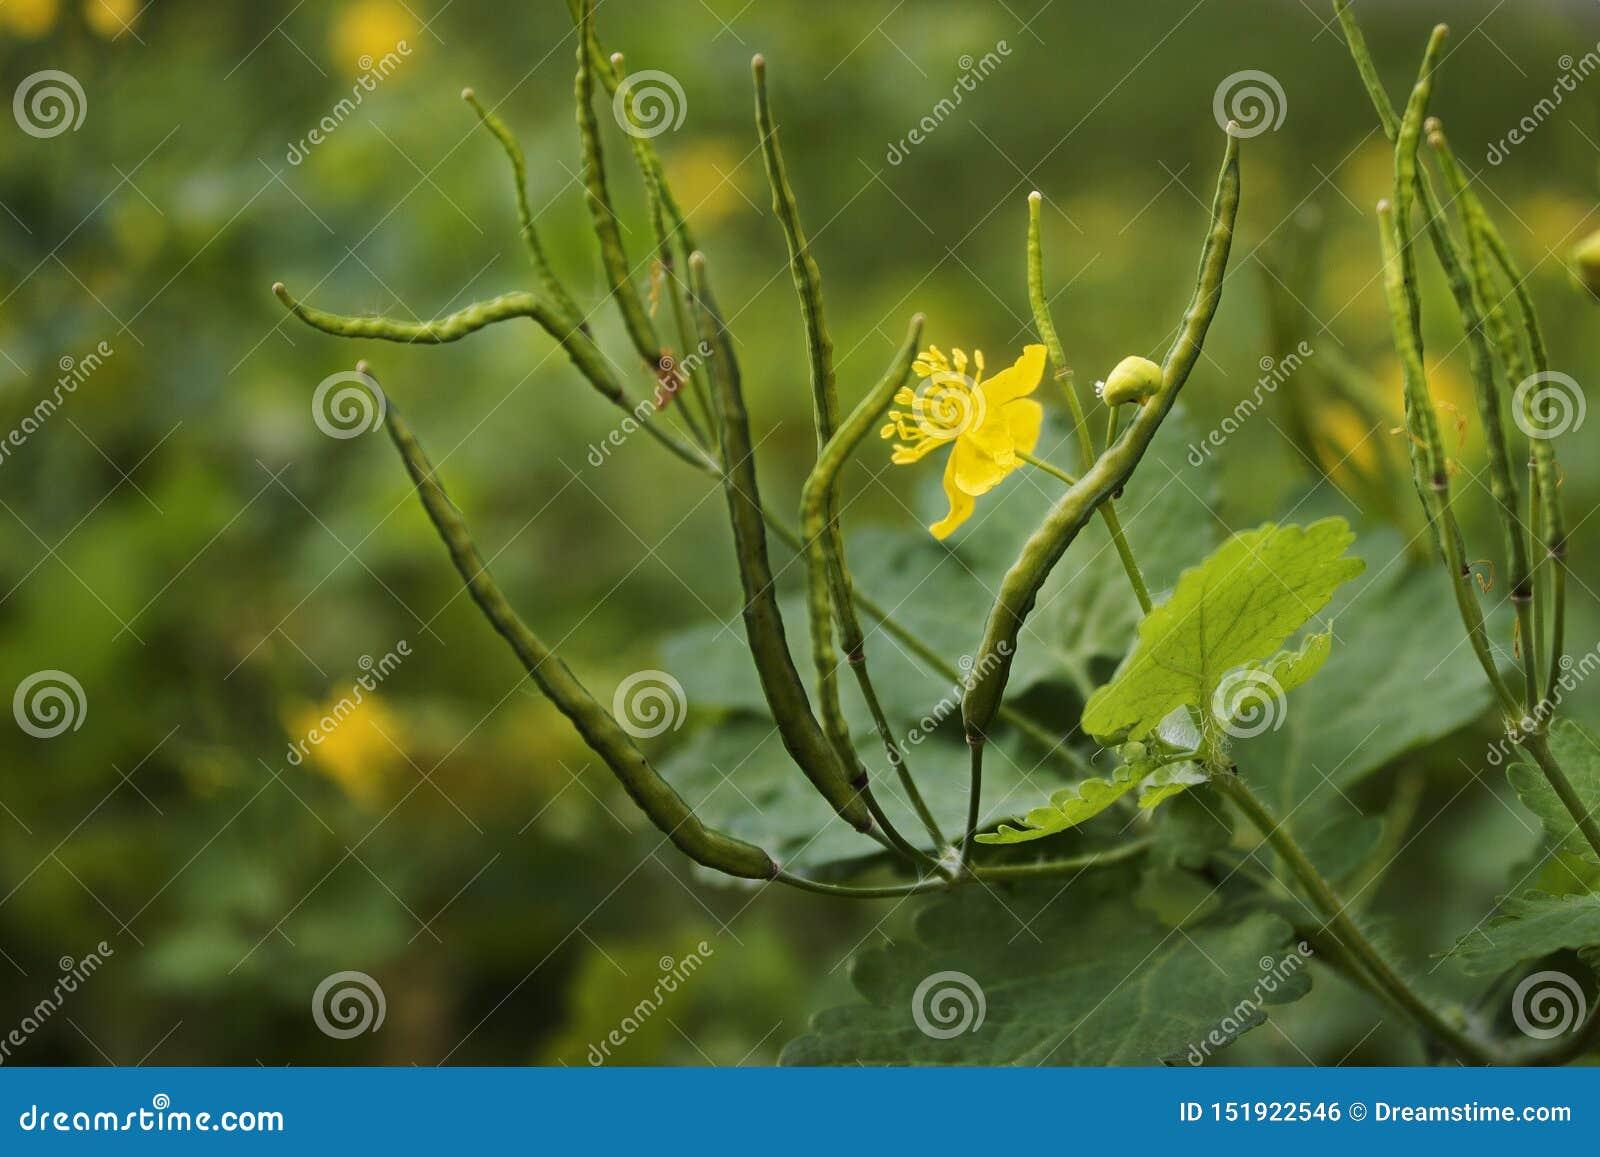 白屈菜黄色花  有种子的荚